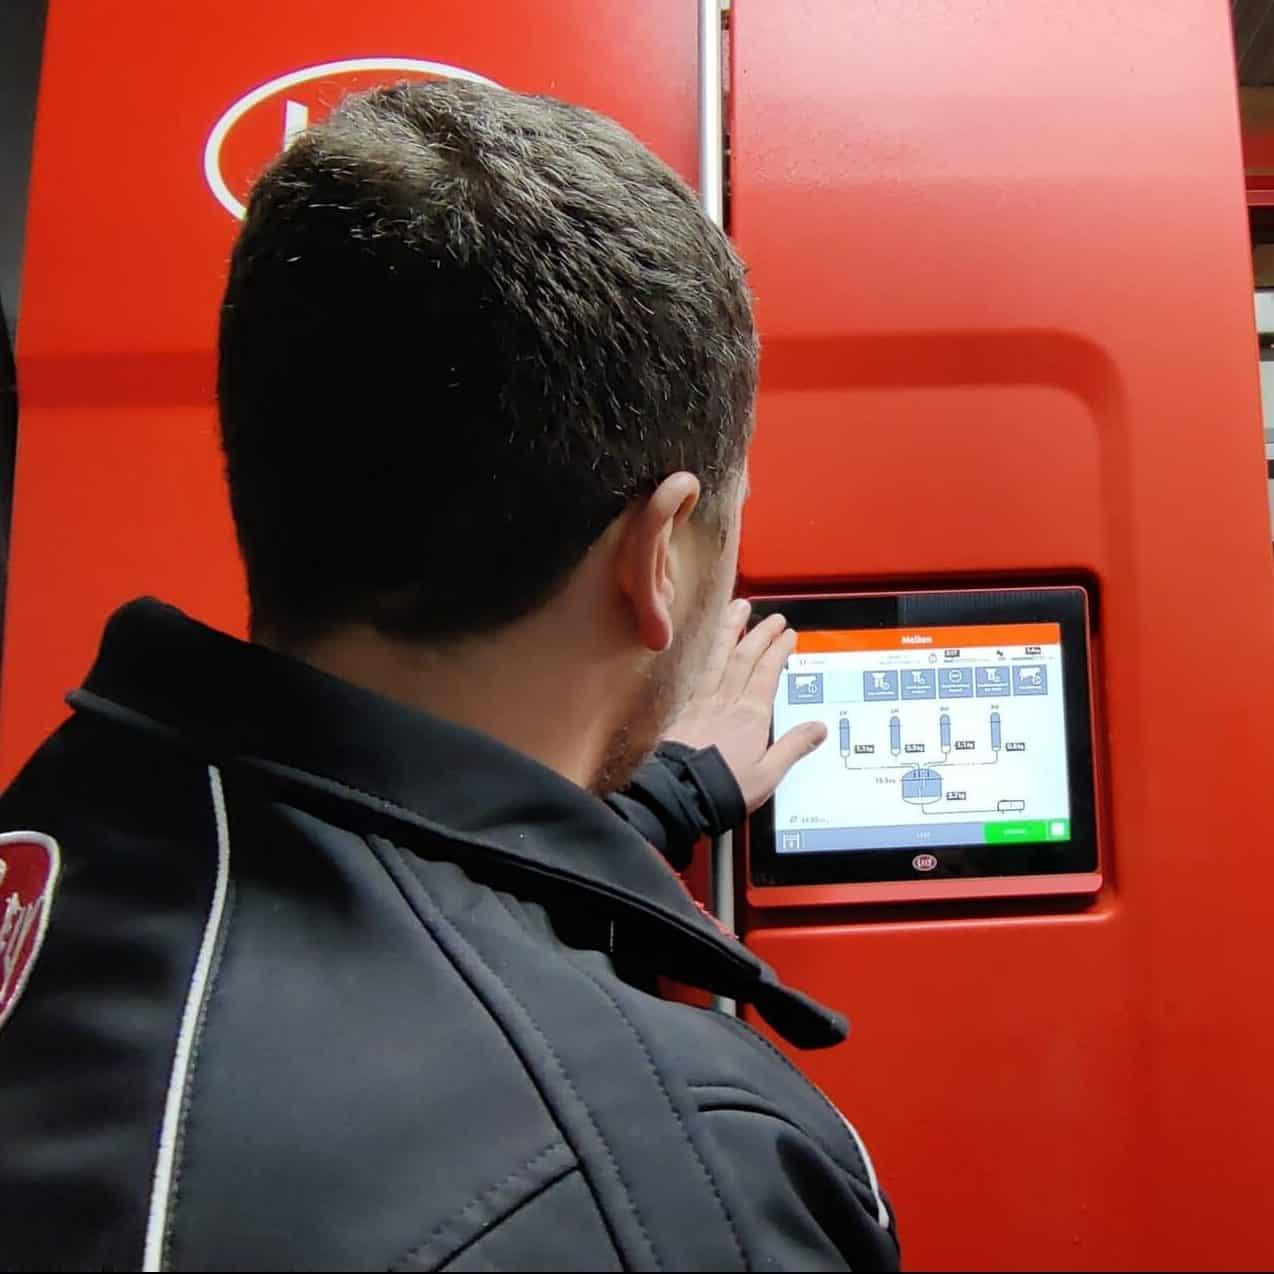 Markus Gruber steuert seinen Milchviehbetrieb vollautomatisch